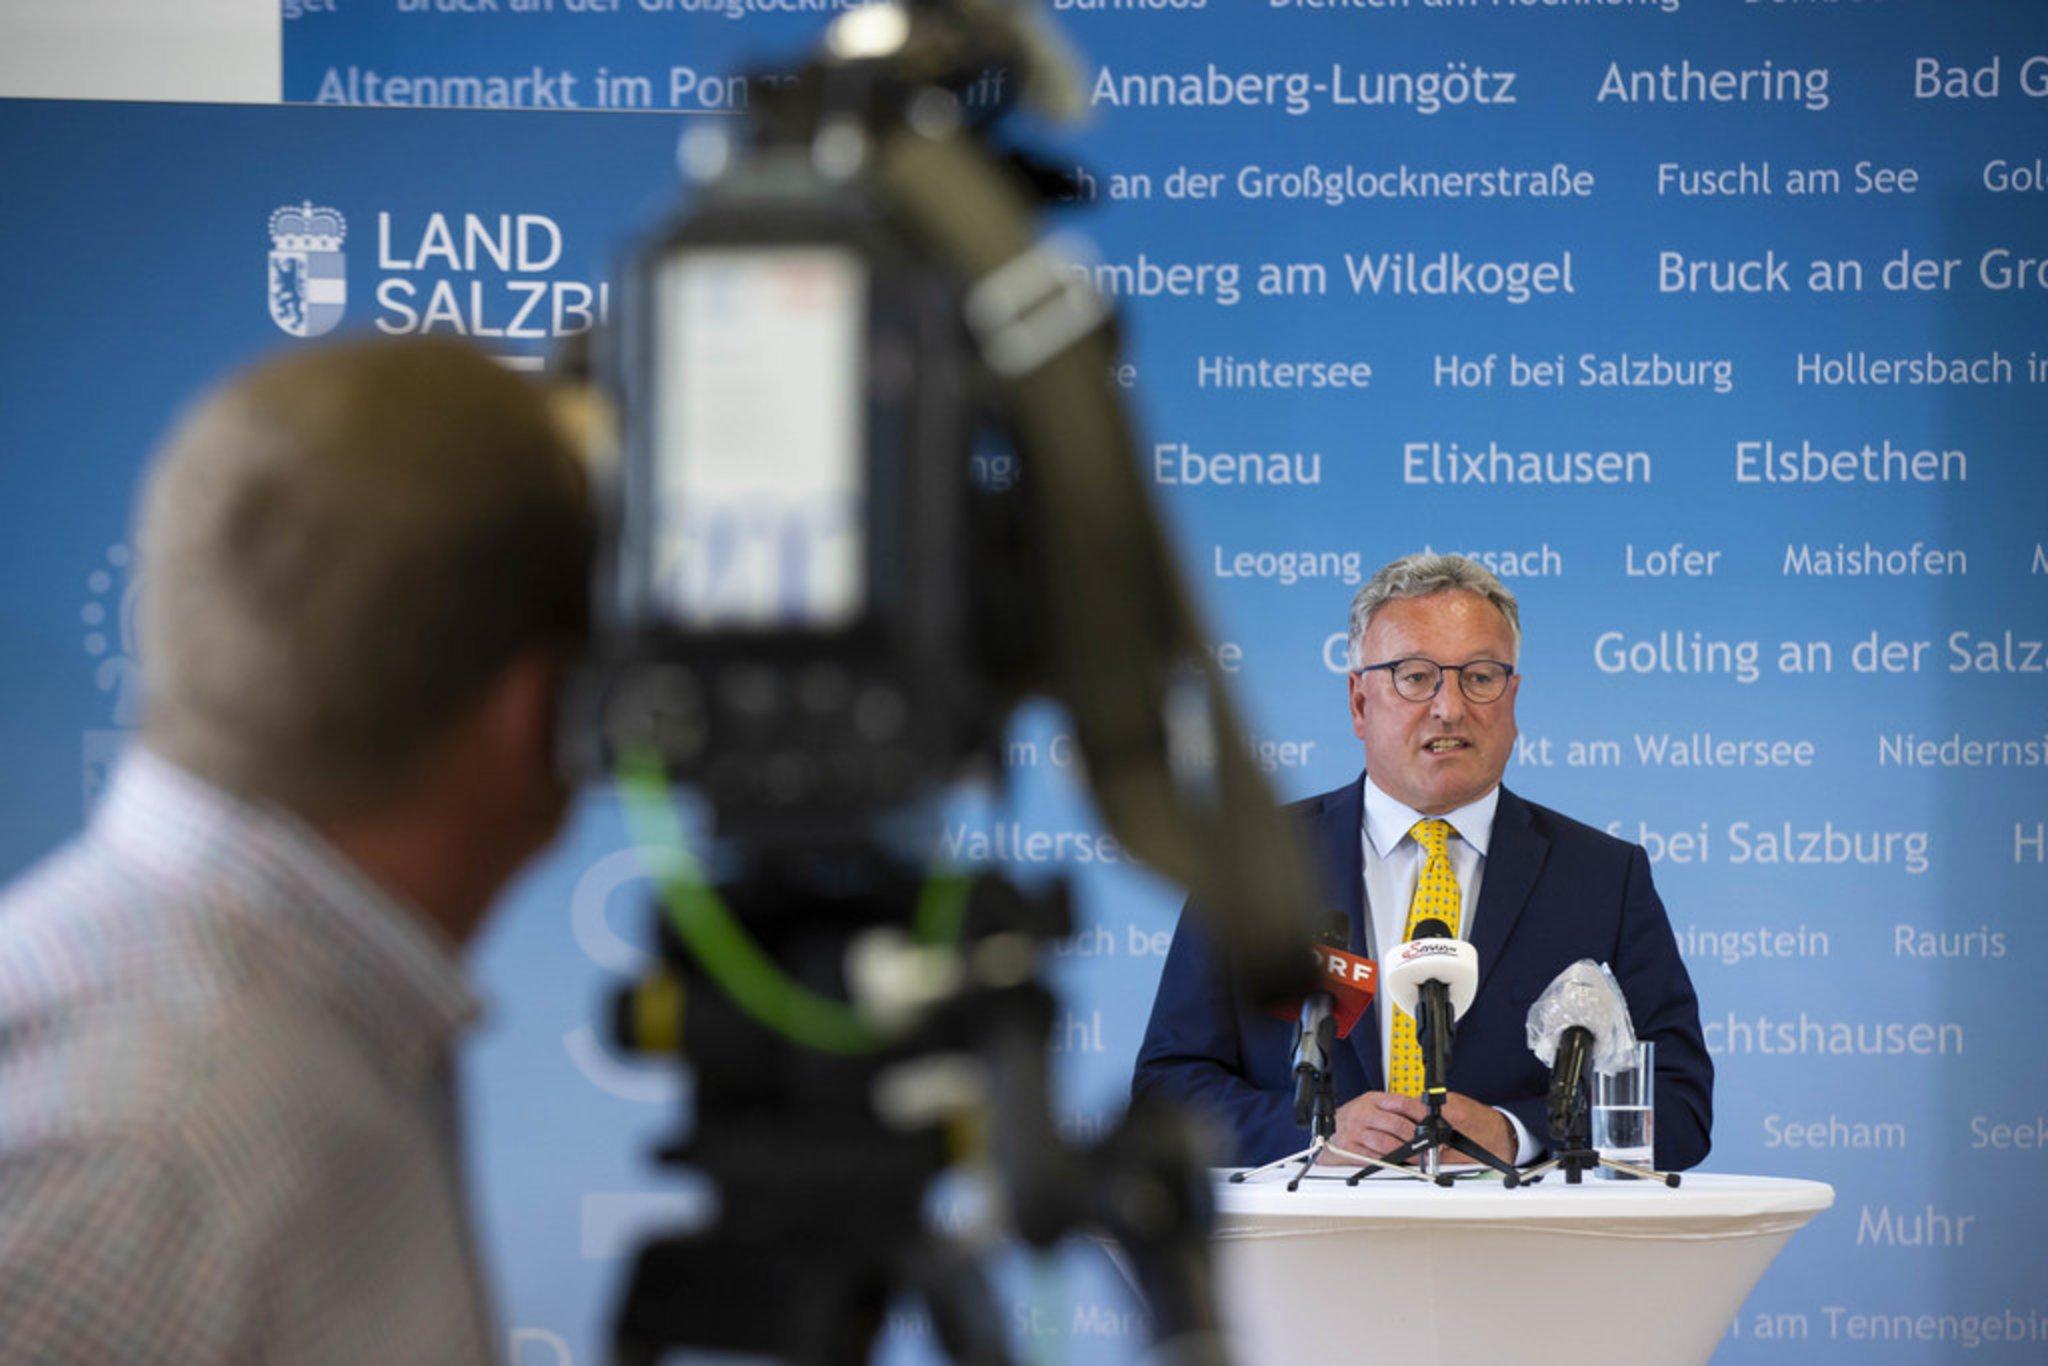 Studenten singles elixhausen: Anzeigen bekanntschaften aus altach